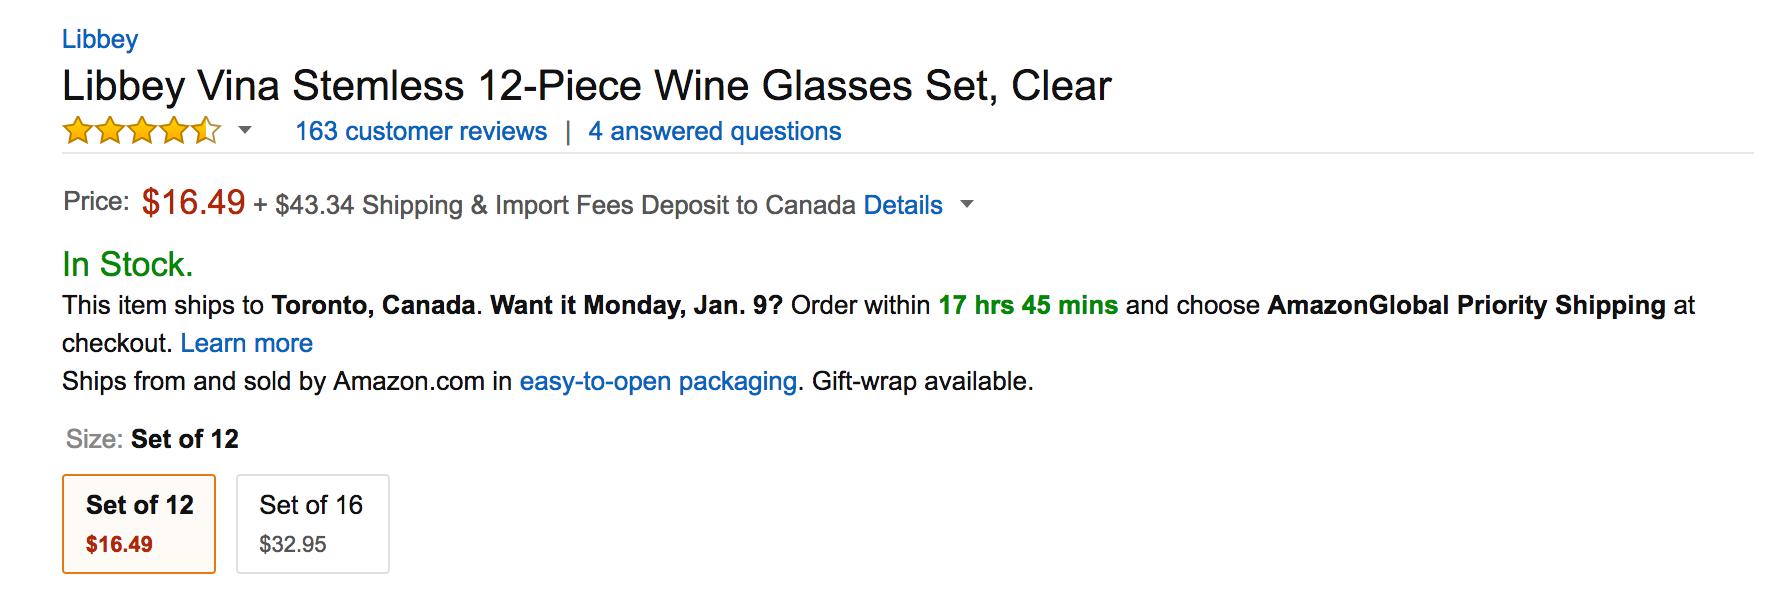 libbey-vina-stemless-12-piece-wine-glasses-set-2